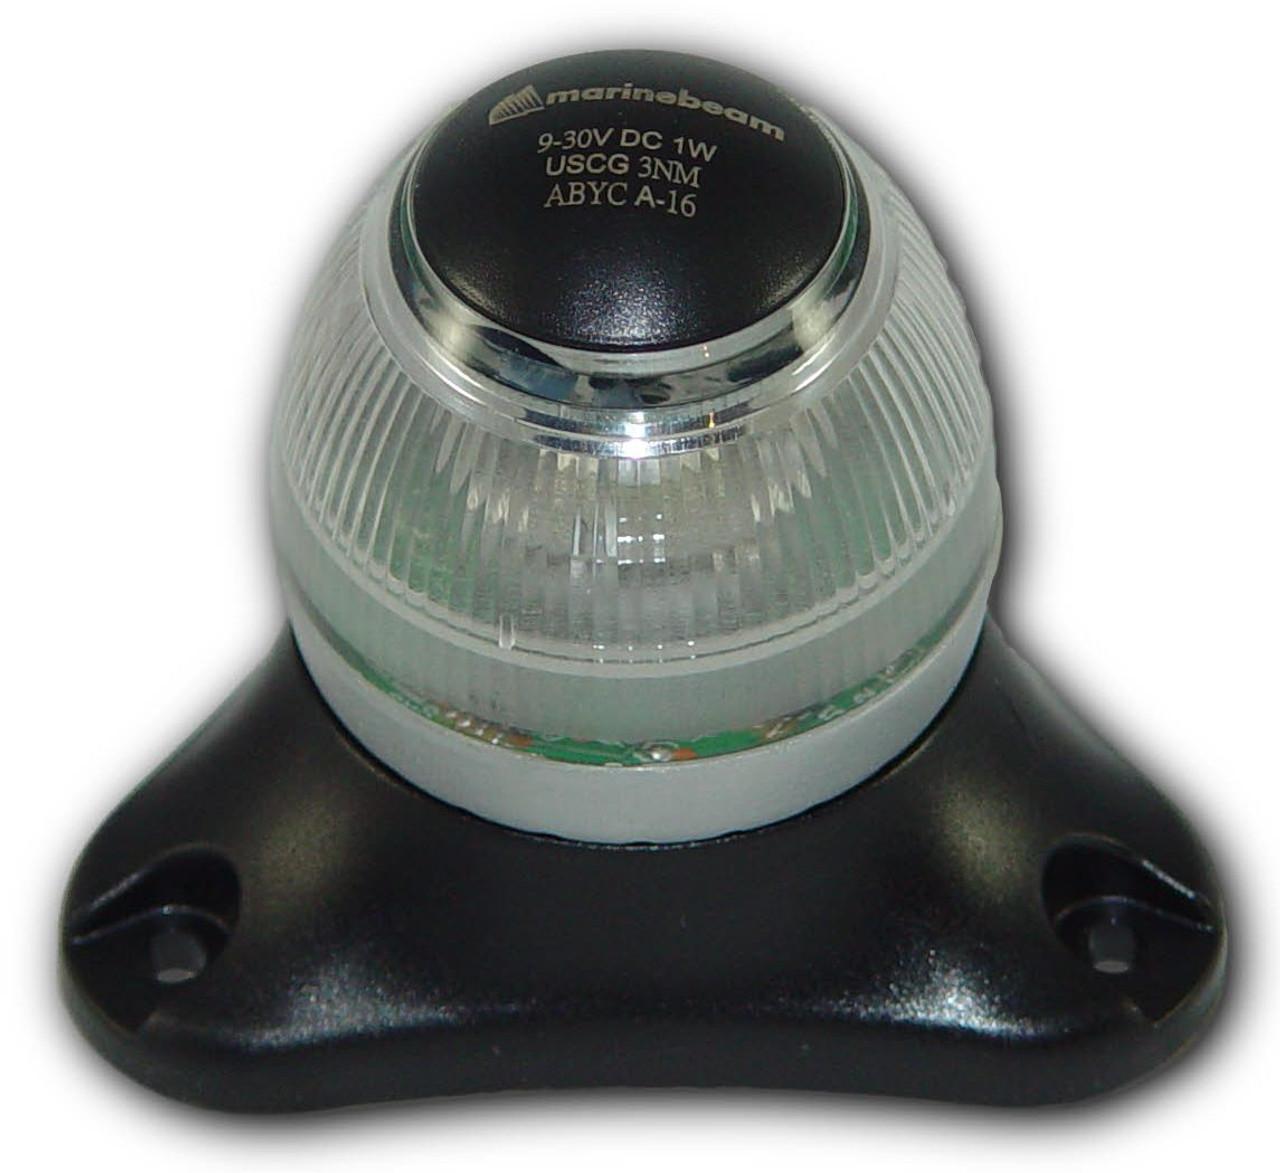 LED All-Around Anchor Light - Black Hsg